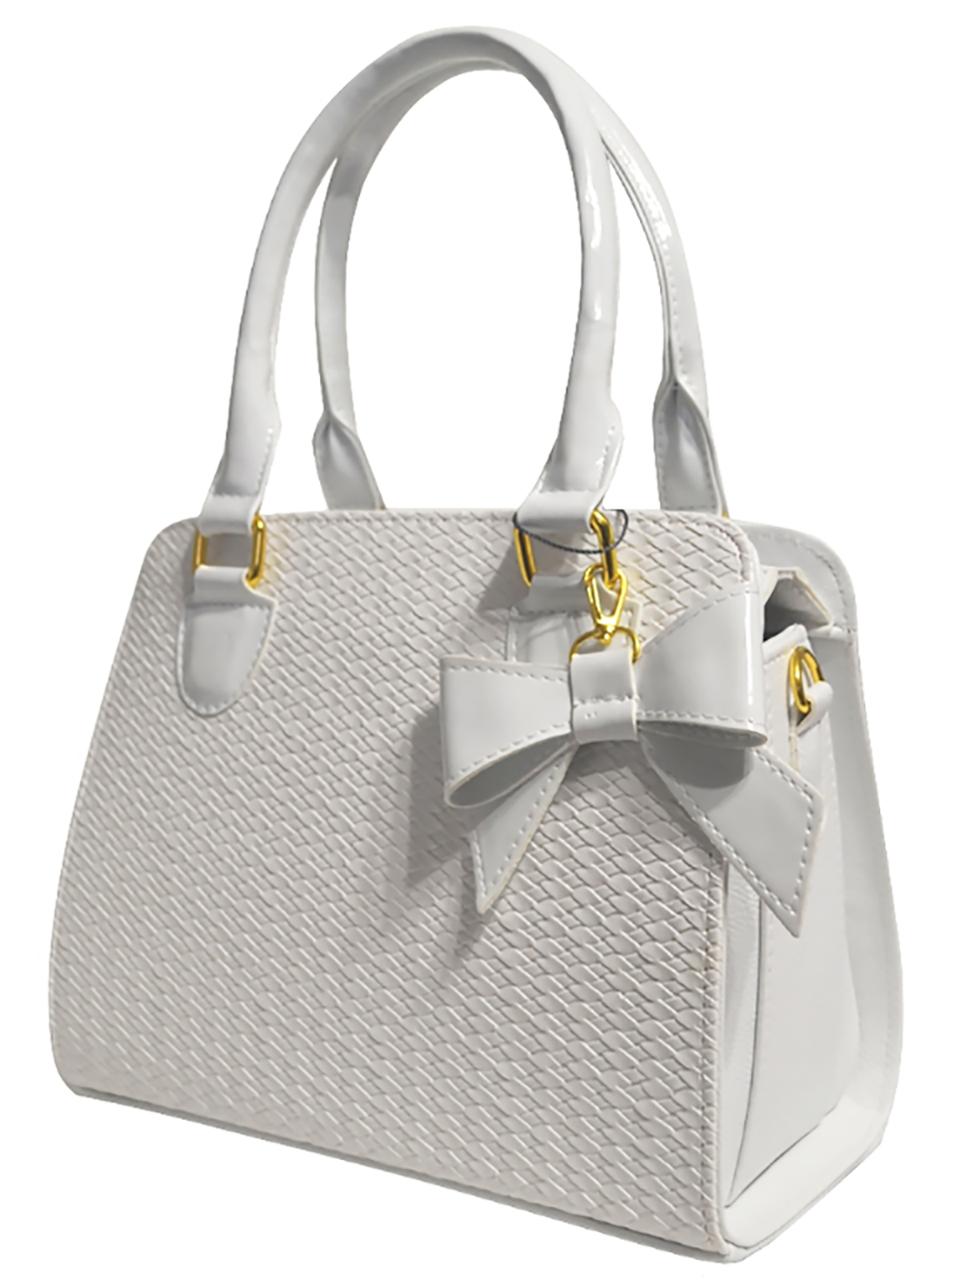 b487706f4a4e Сумочка белая плетенка повседневная классическая женская - Интернет-магазин женских  сумок в Черновцах